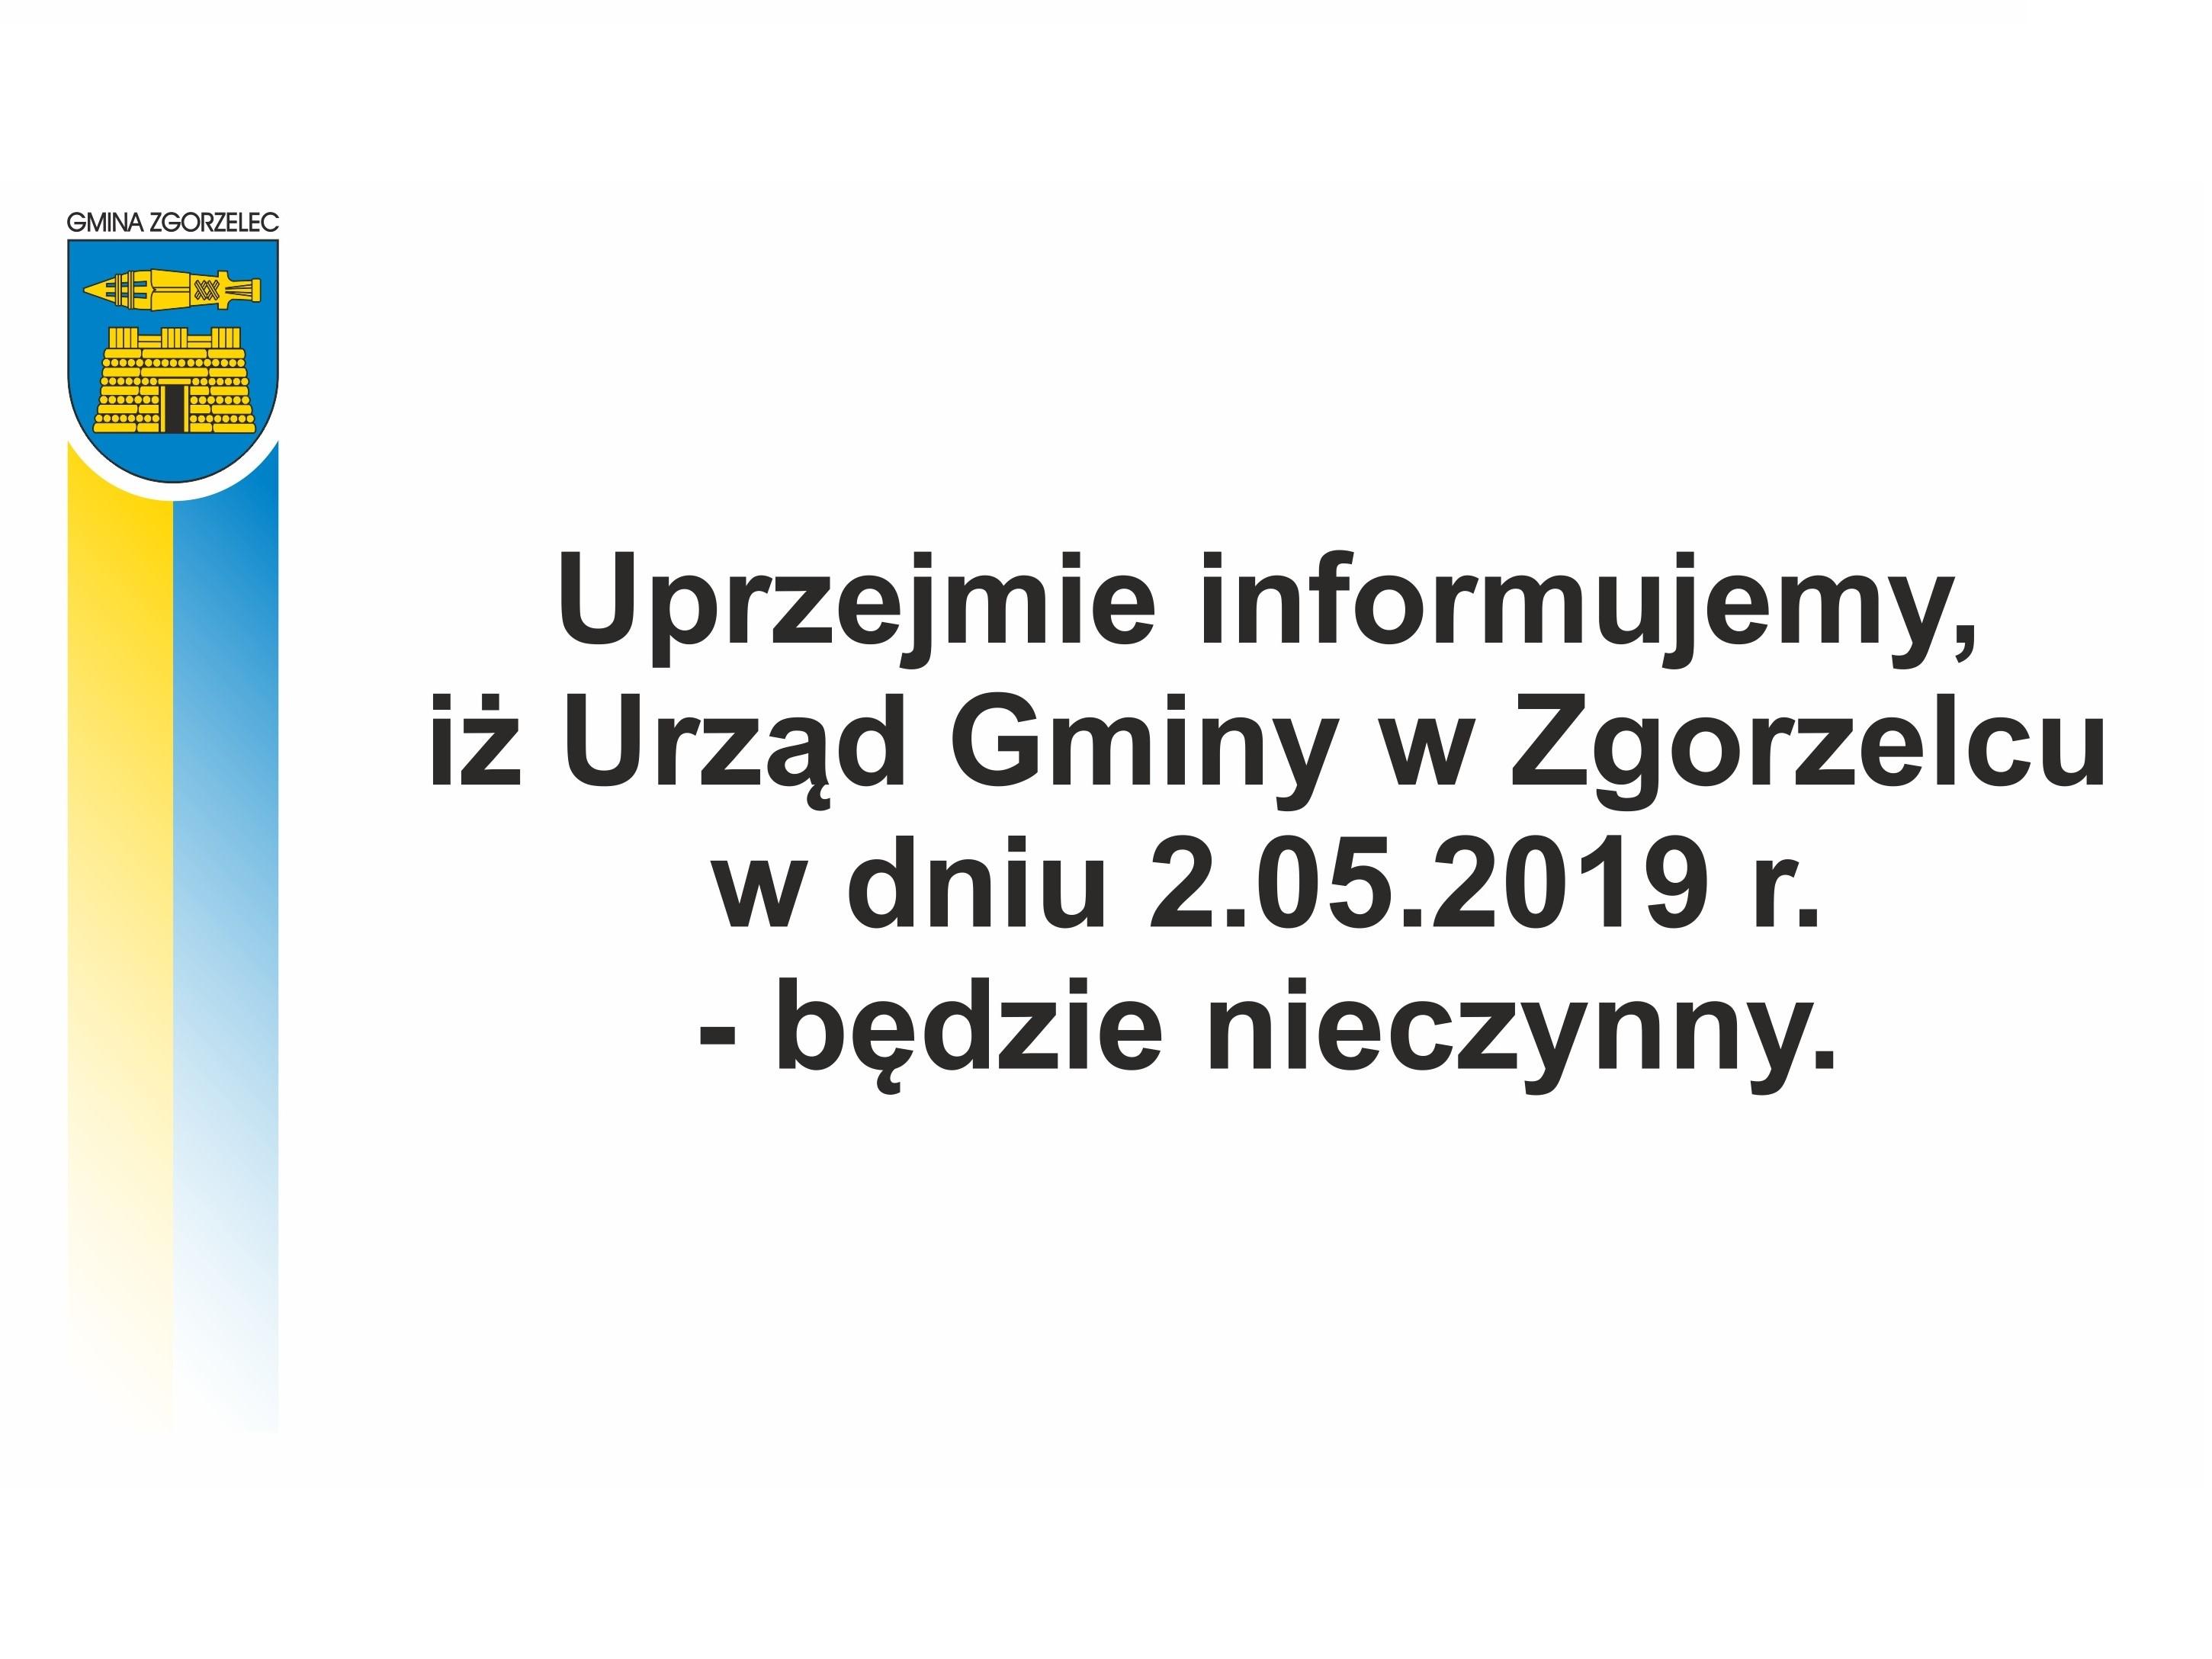 2 maja 2019 r – Urząd Gminy w Zgorzelcu nieczynny